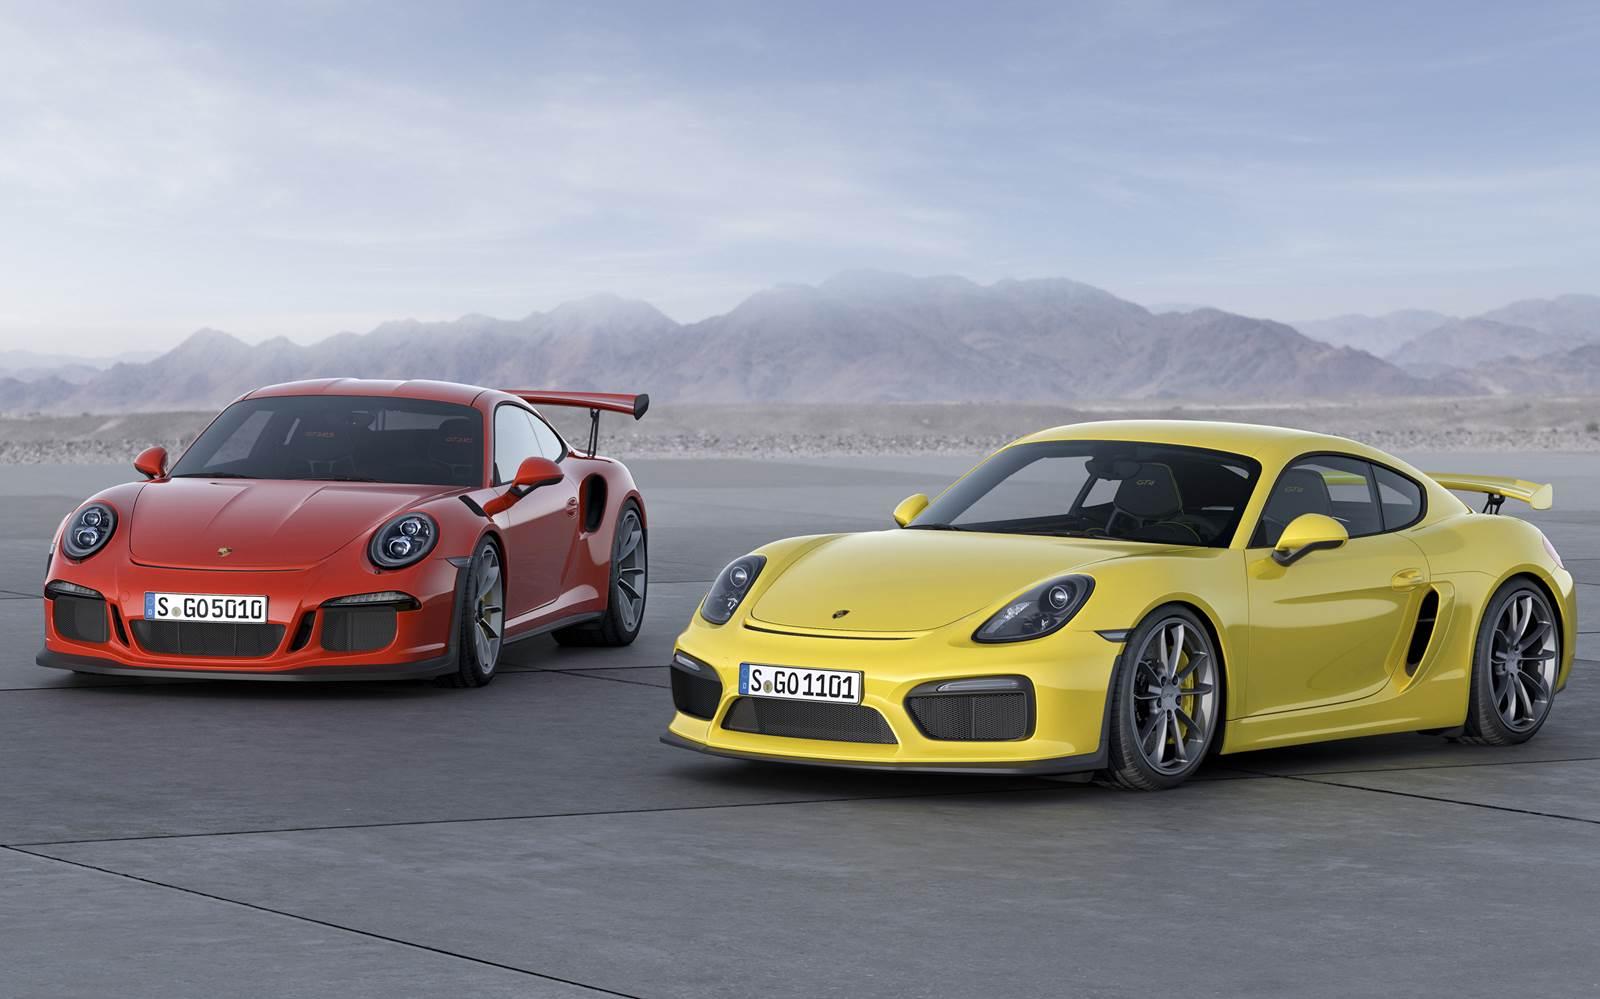 Porsche Cayman GT4 (amarelo) e Porsche 911 GT3 RS (vermelho